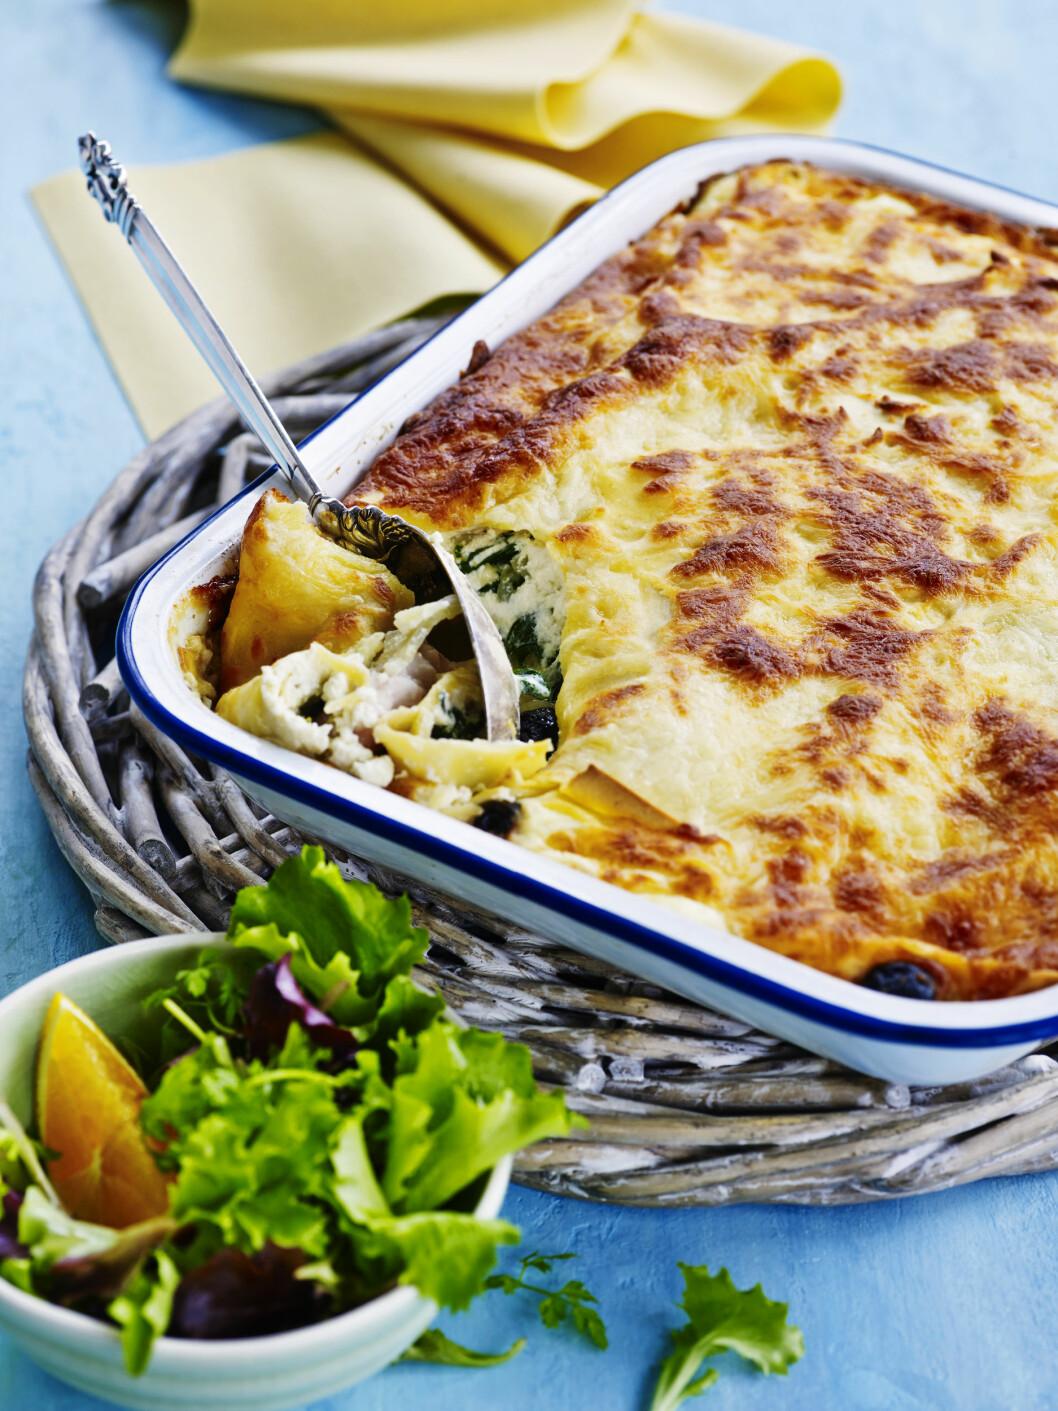 <strong>ENDELIG FREDAG:</strong> Piff opp lasagnen med fisk og nye smaker. Appelsin, fenikkel og spinat er supergodt! Foto: All Over Press